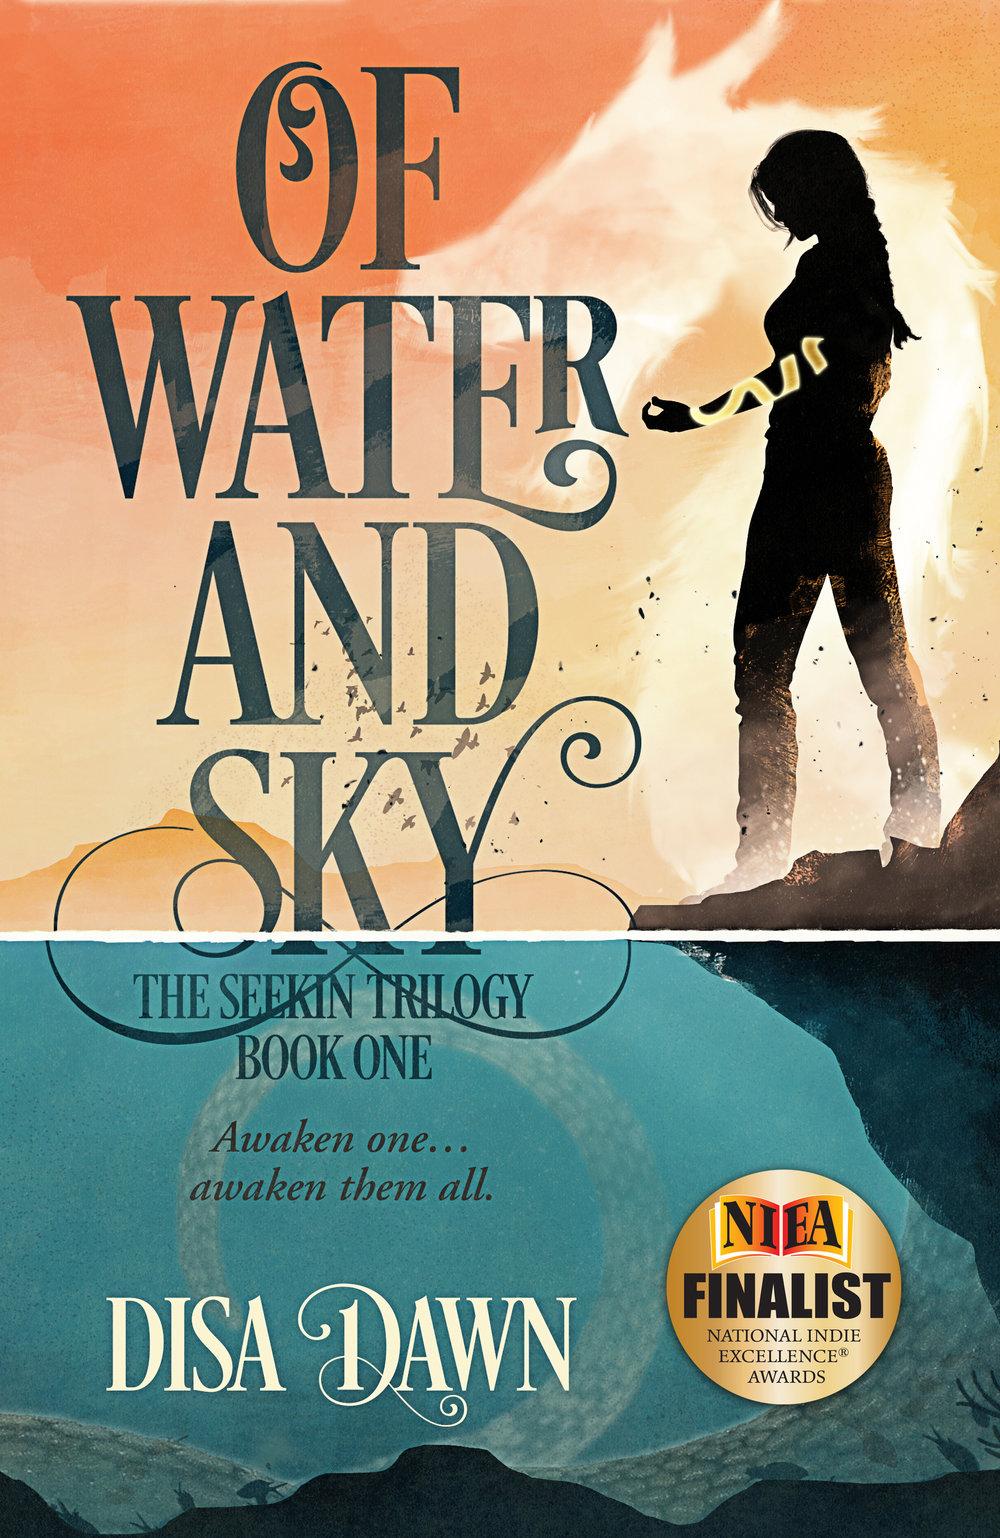 Cover Design by J Caleb @  jcalebdesign.com